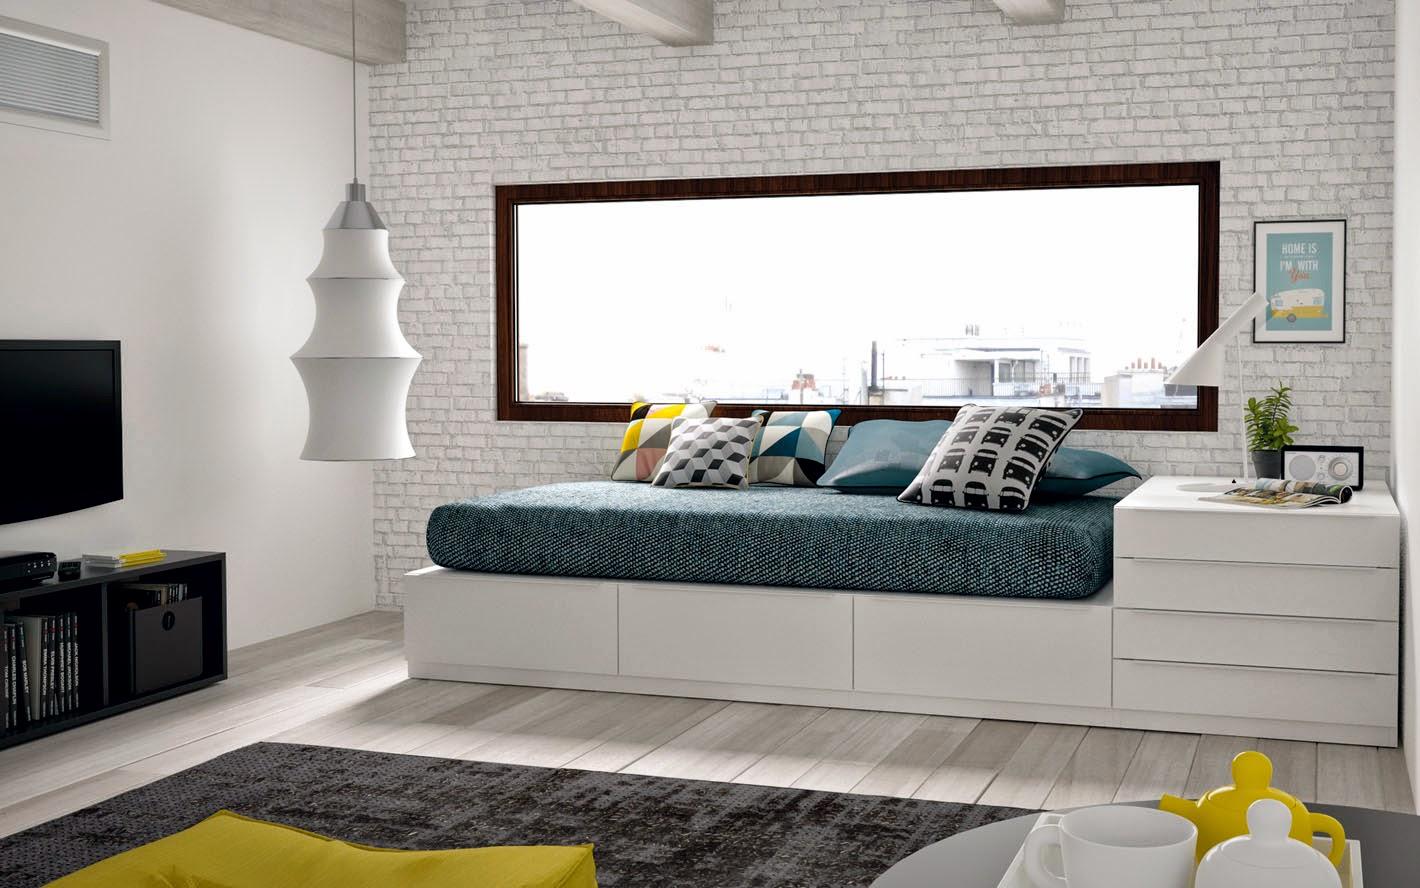 Amueblar habitaciones juveniles modernas - Habitaciones juveniles modernas ...